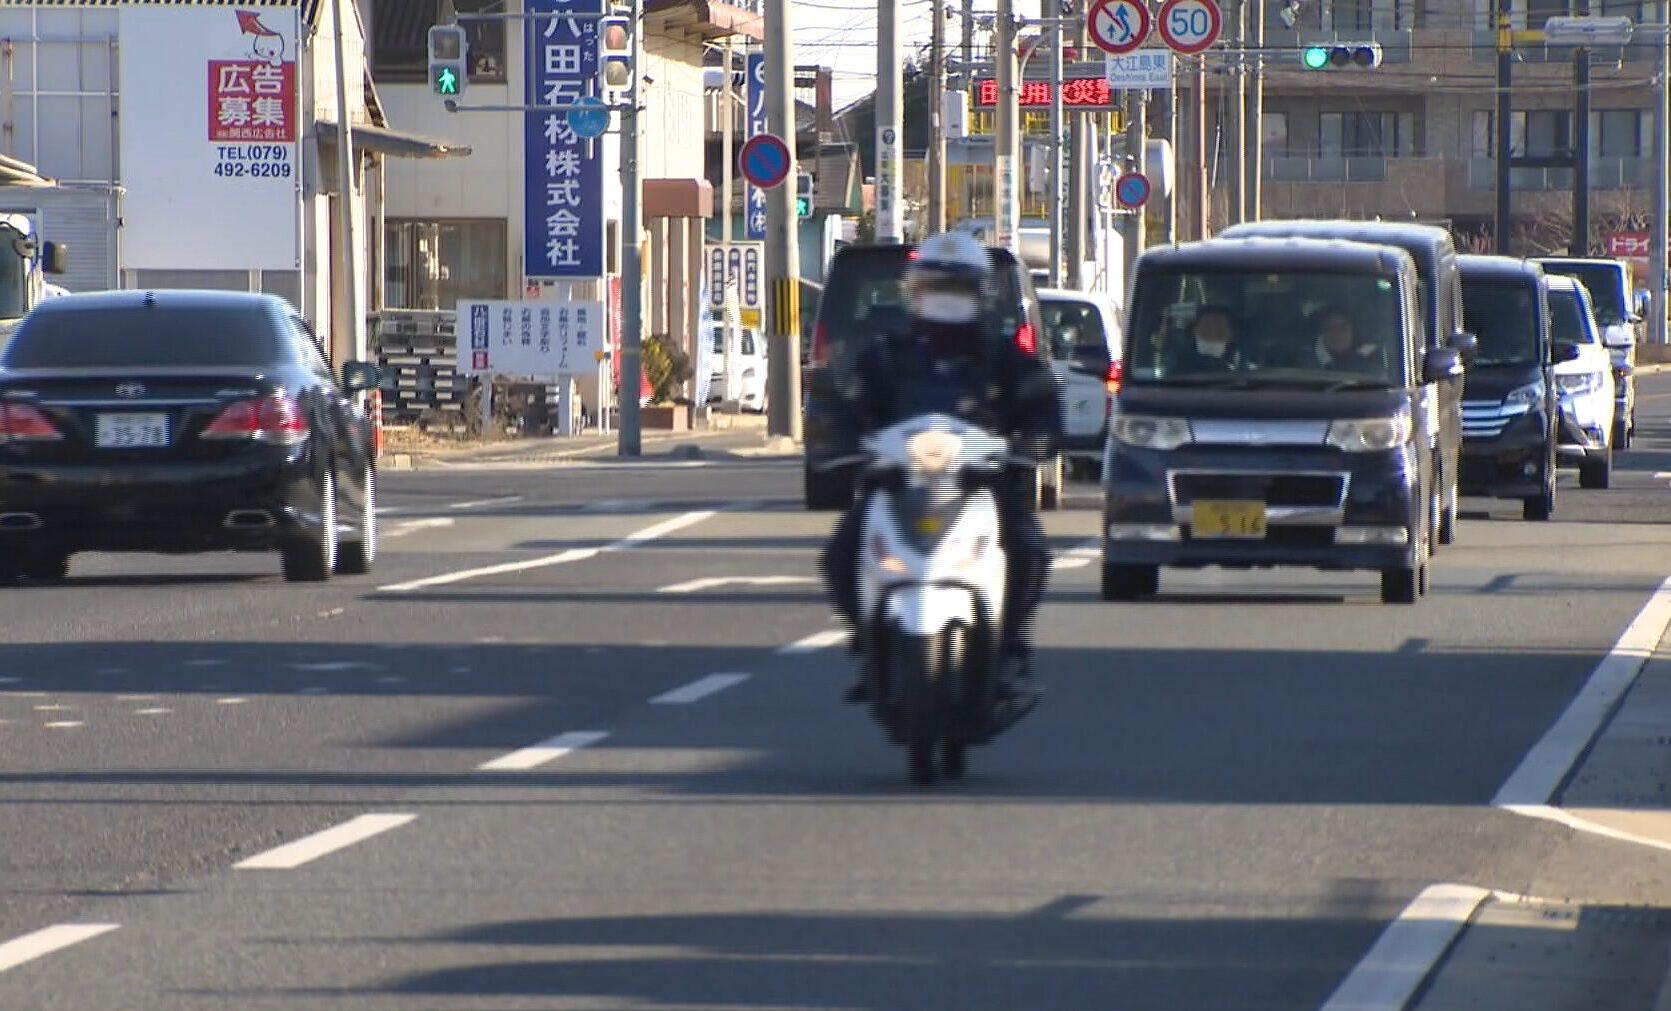 姫路市の国道250号線で警官が道路を渡る学生を車で跳ねた人身事故